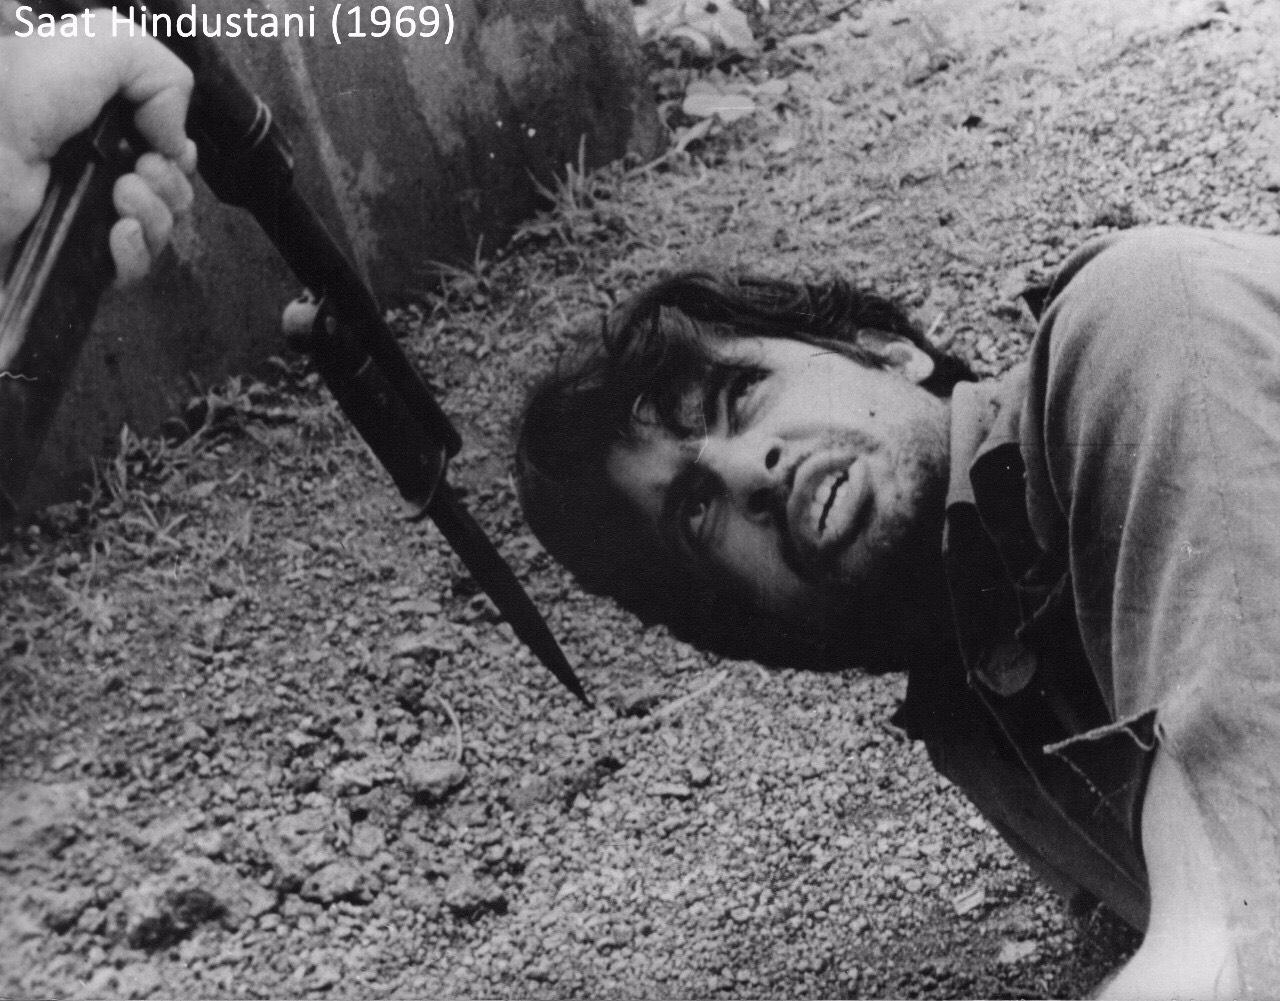 Saat Hindustani Amitabh Bachchan